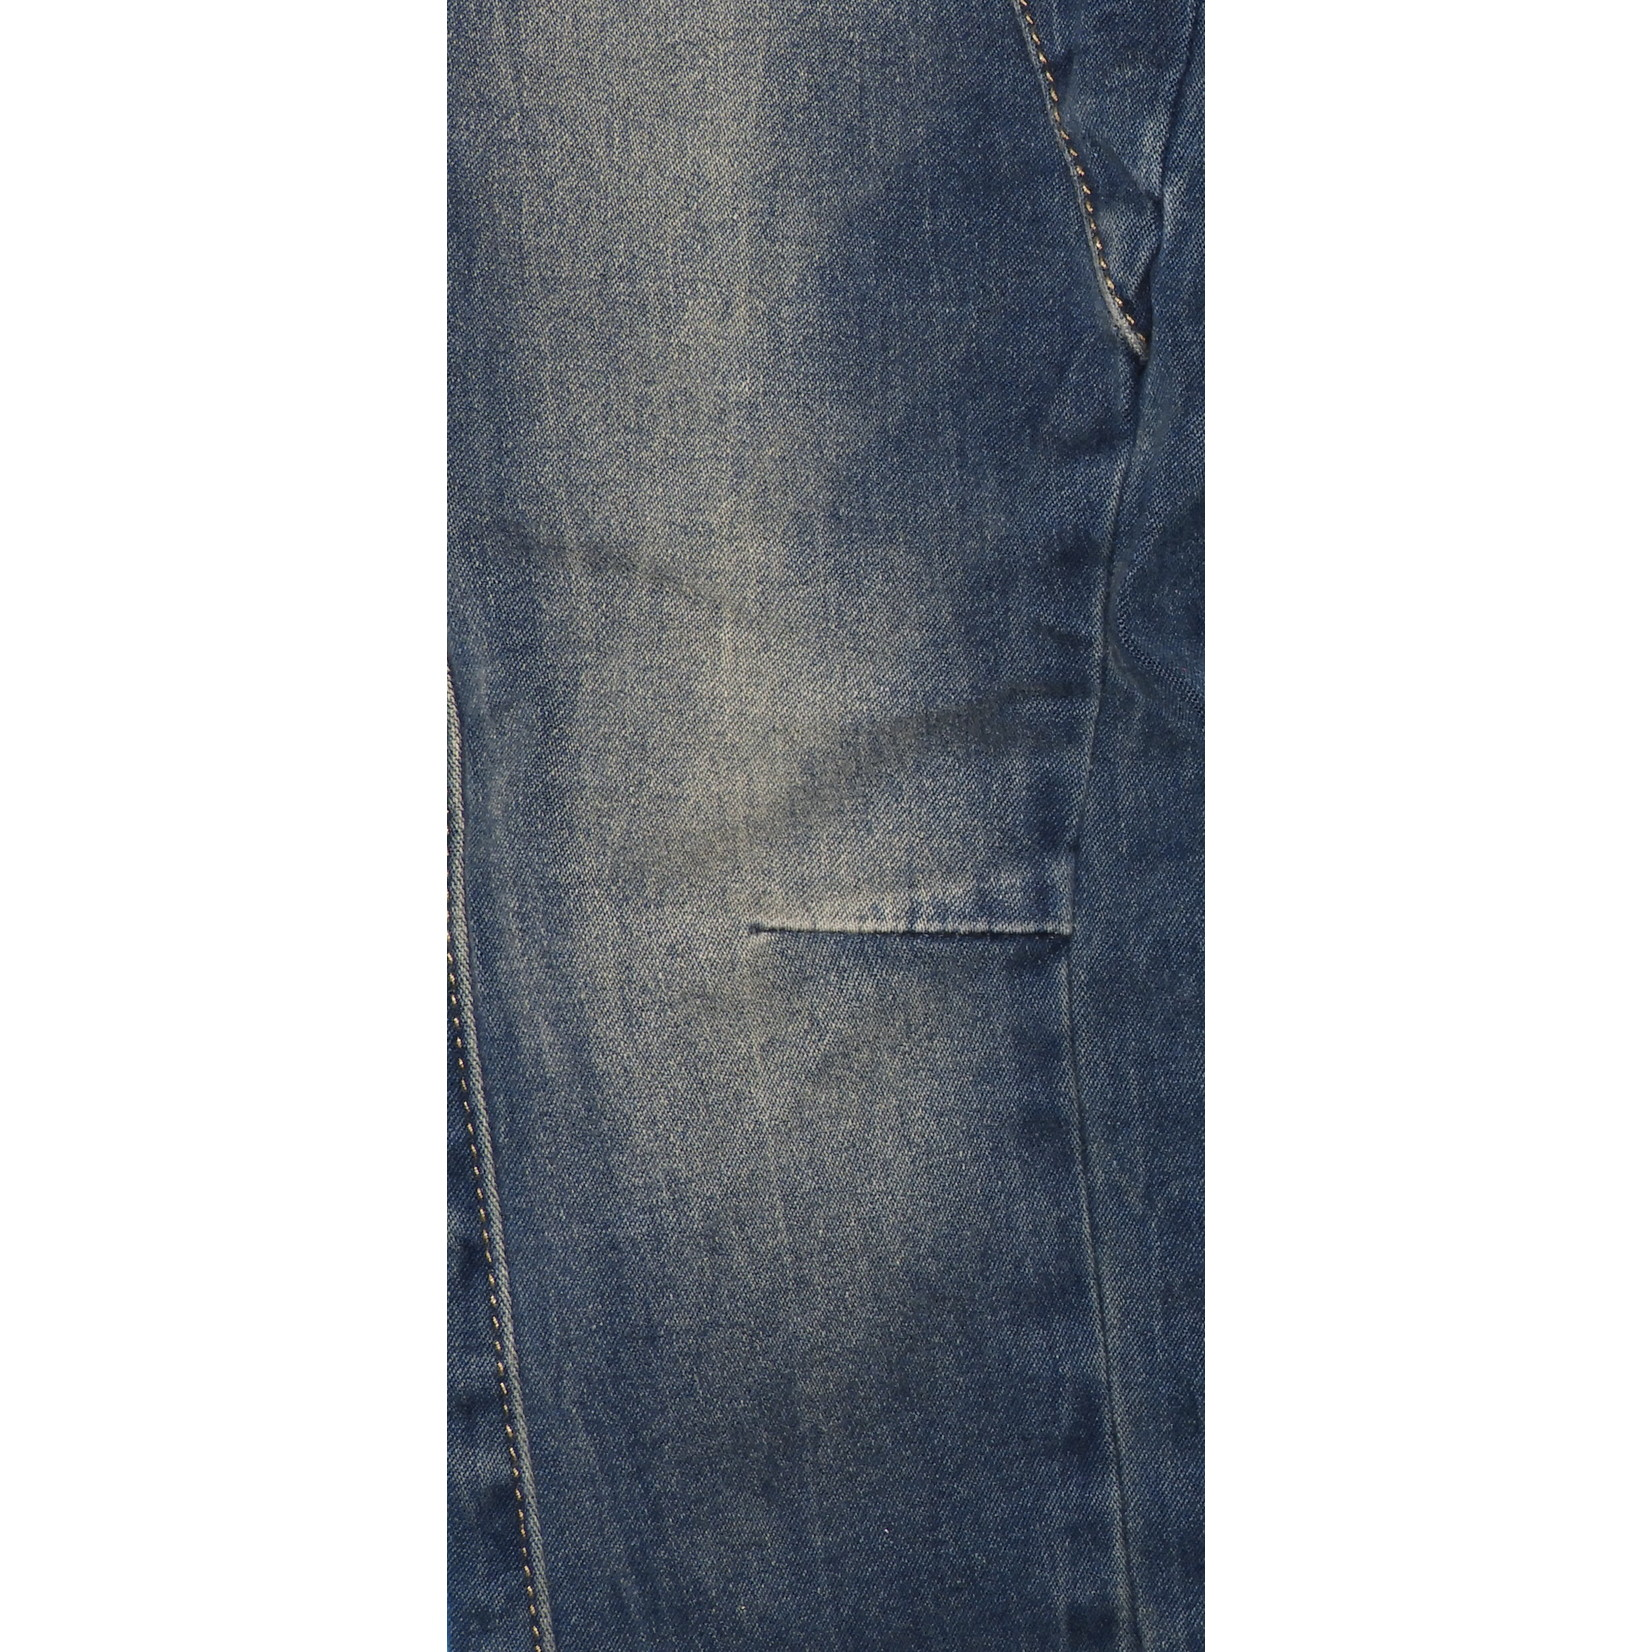 Geisha spijkerbroek maat 116 t/m 164